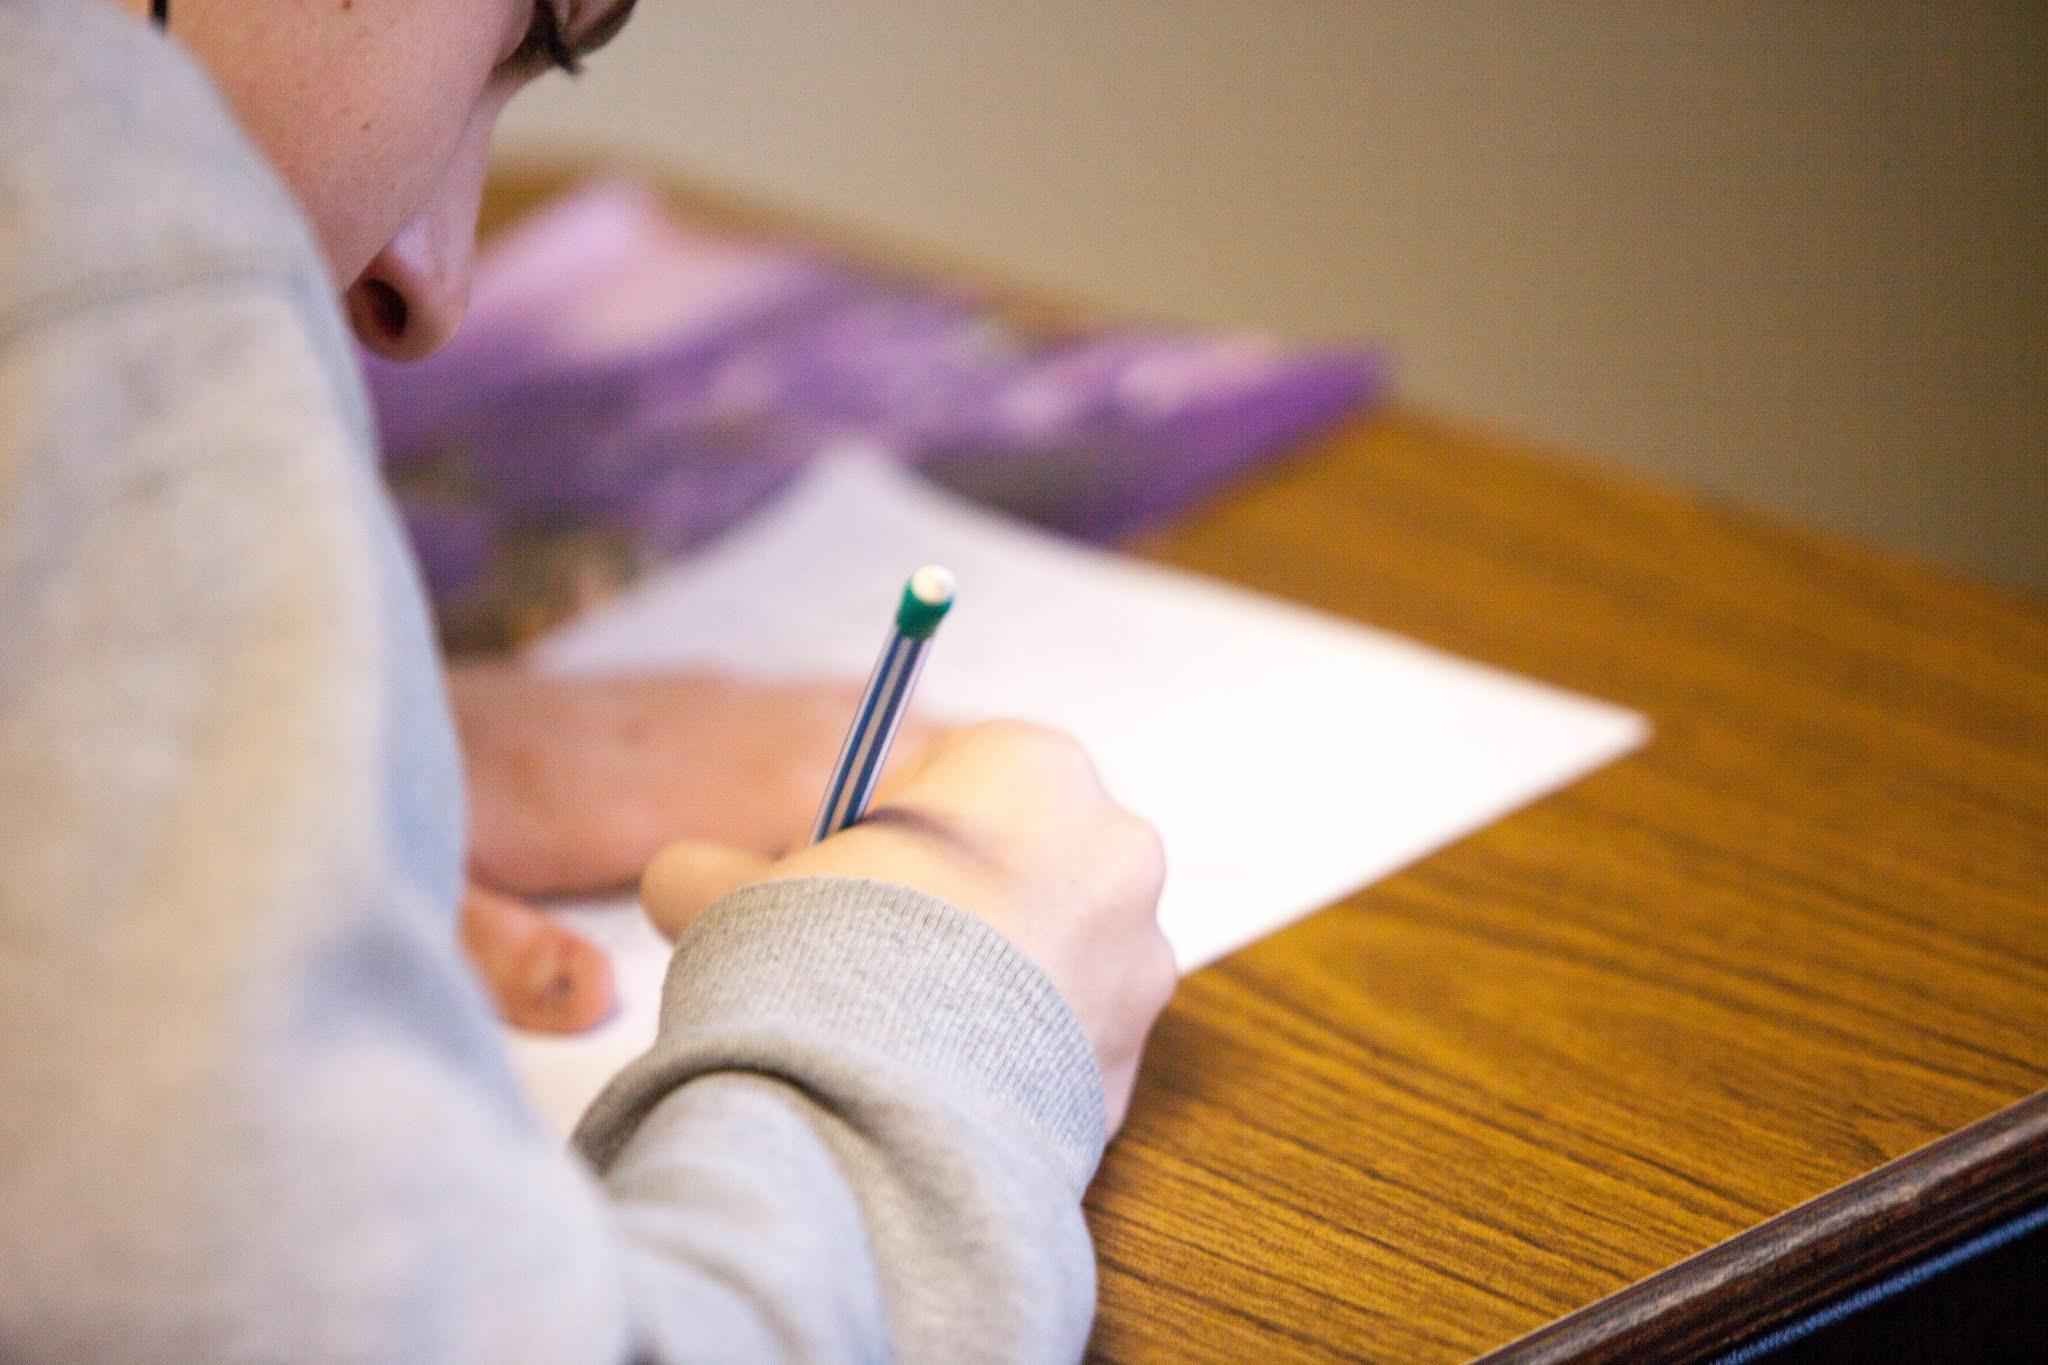 موعد امتحانات الصف اﻷول الثانوي